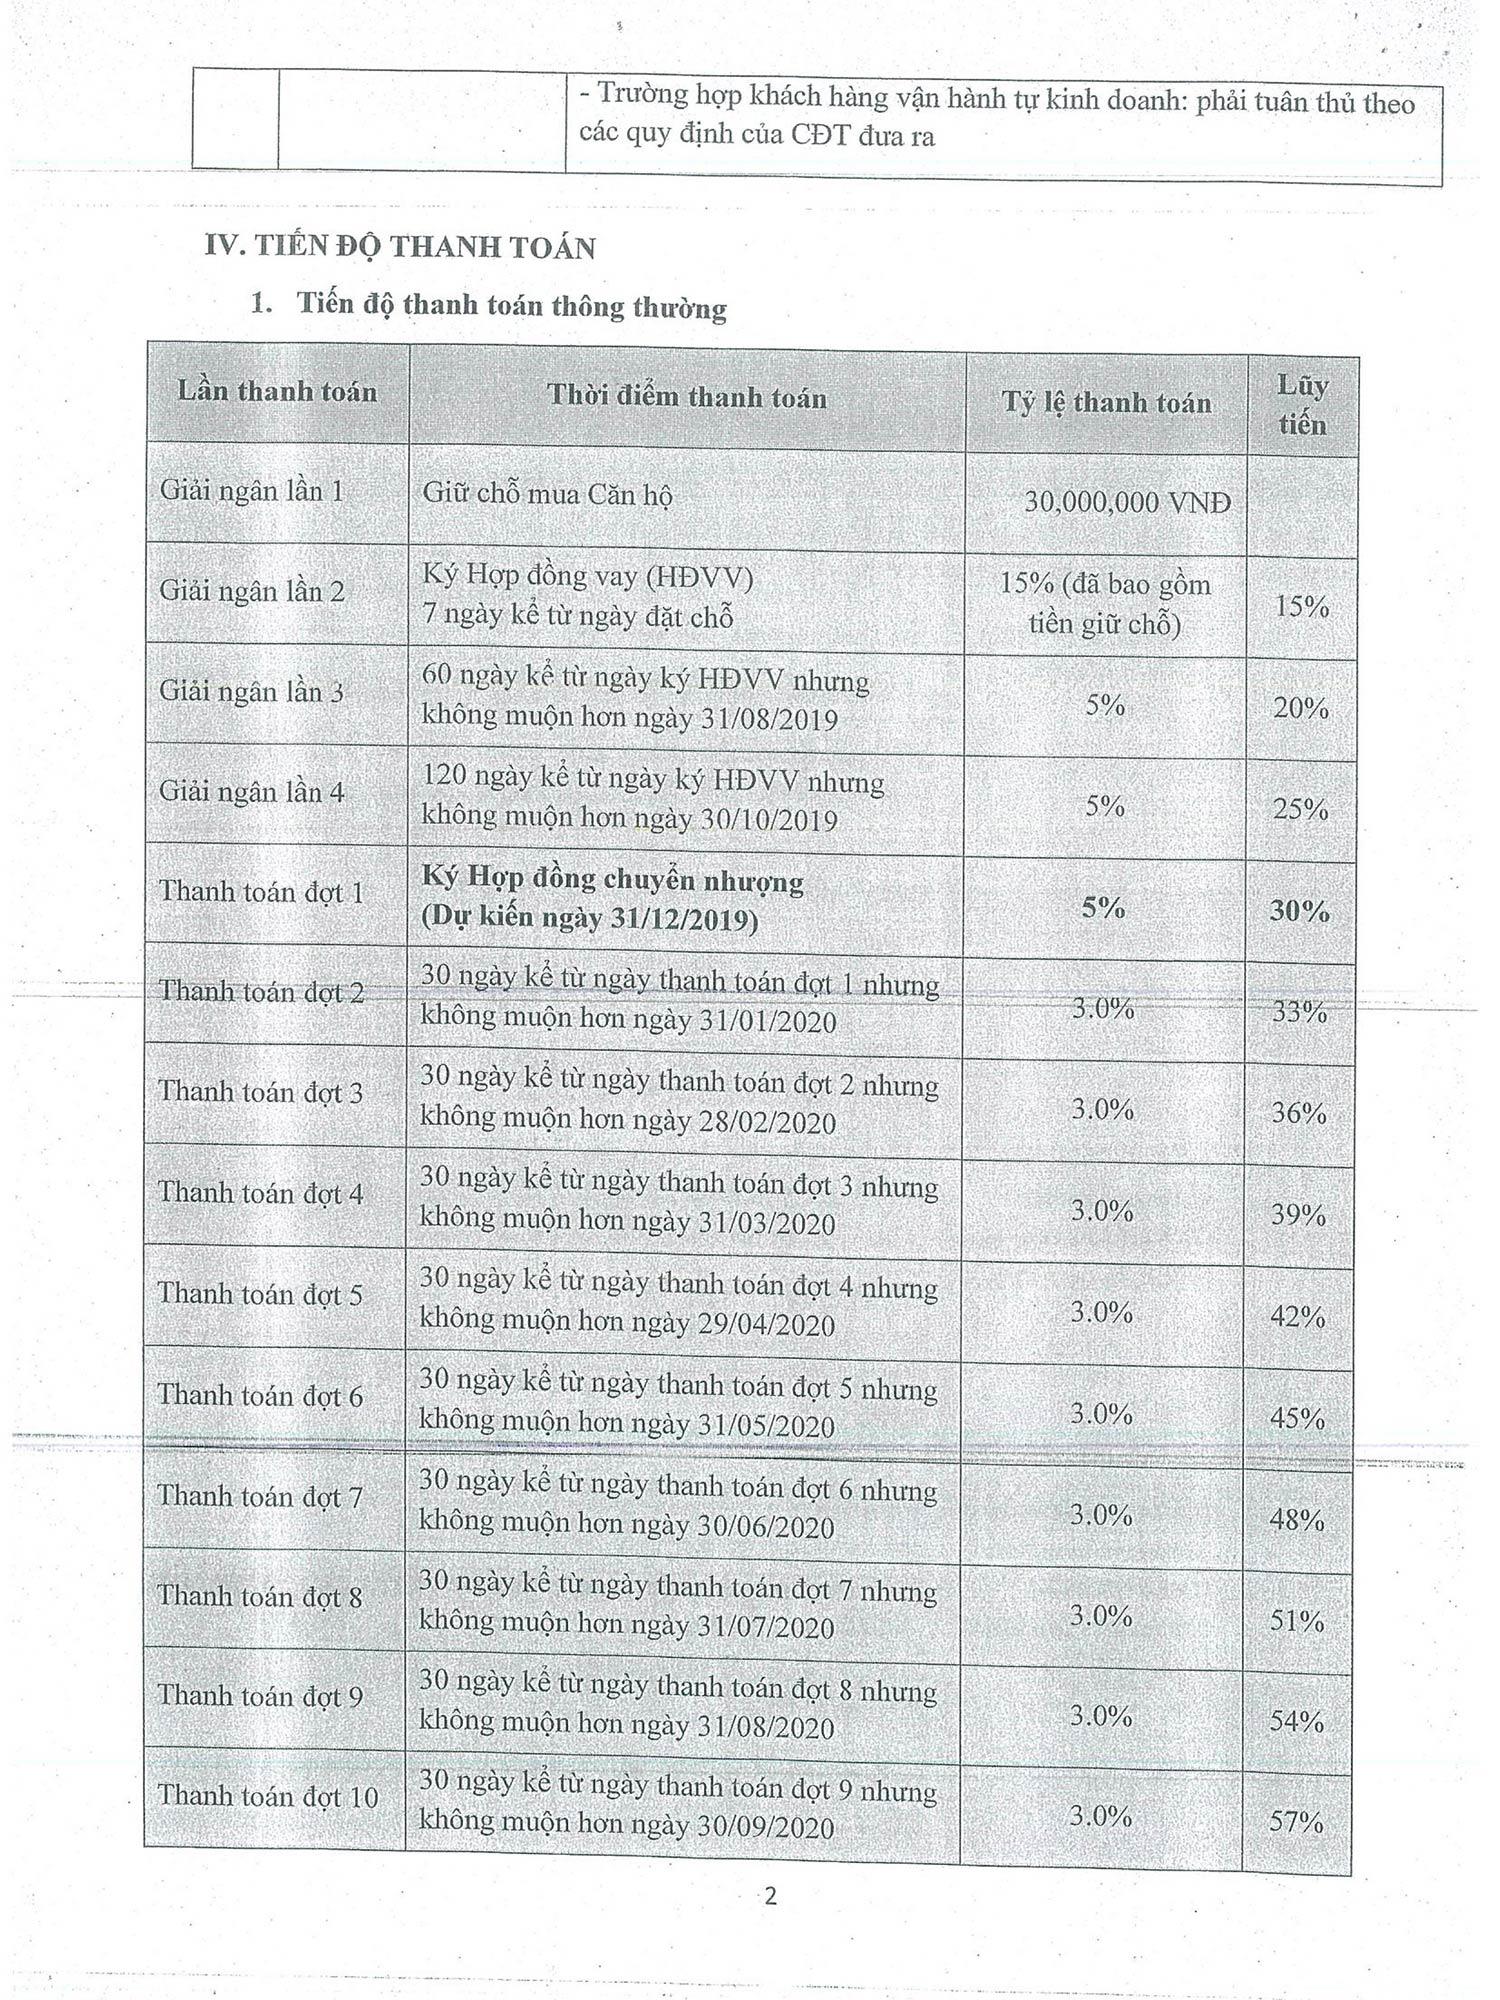 Tiến độ thanh toán chuẩn dự án Apec Mandala Wyndham Mũi Né hình 01